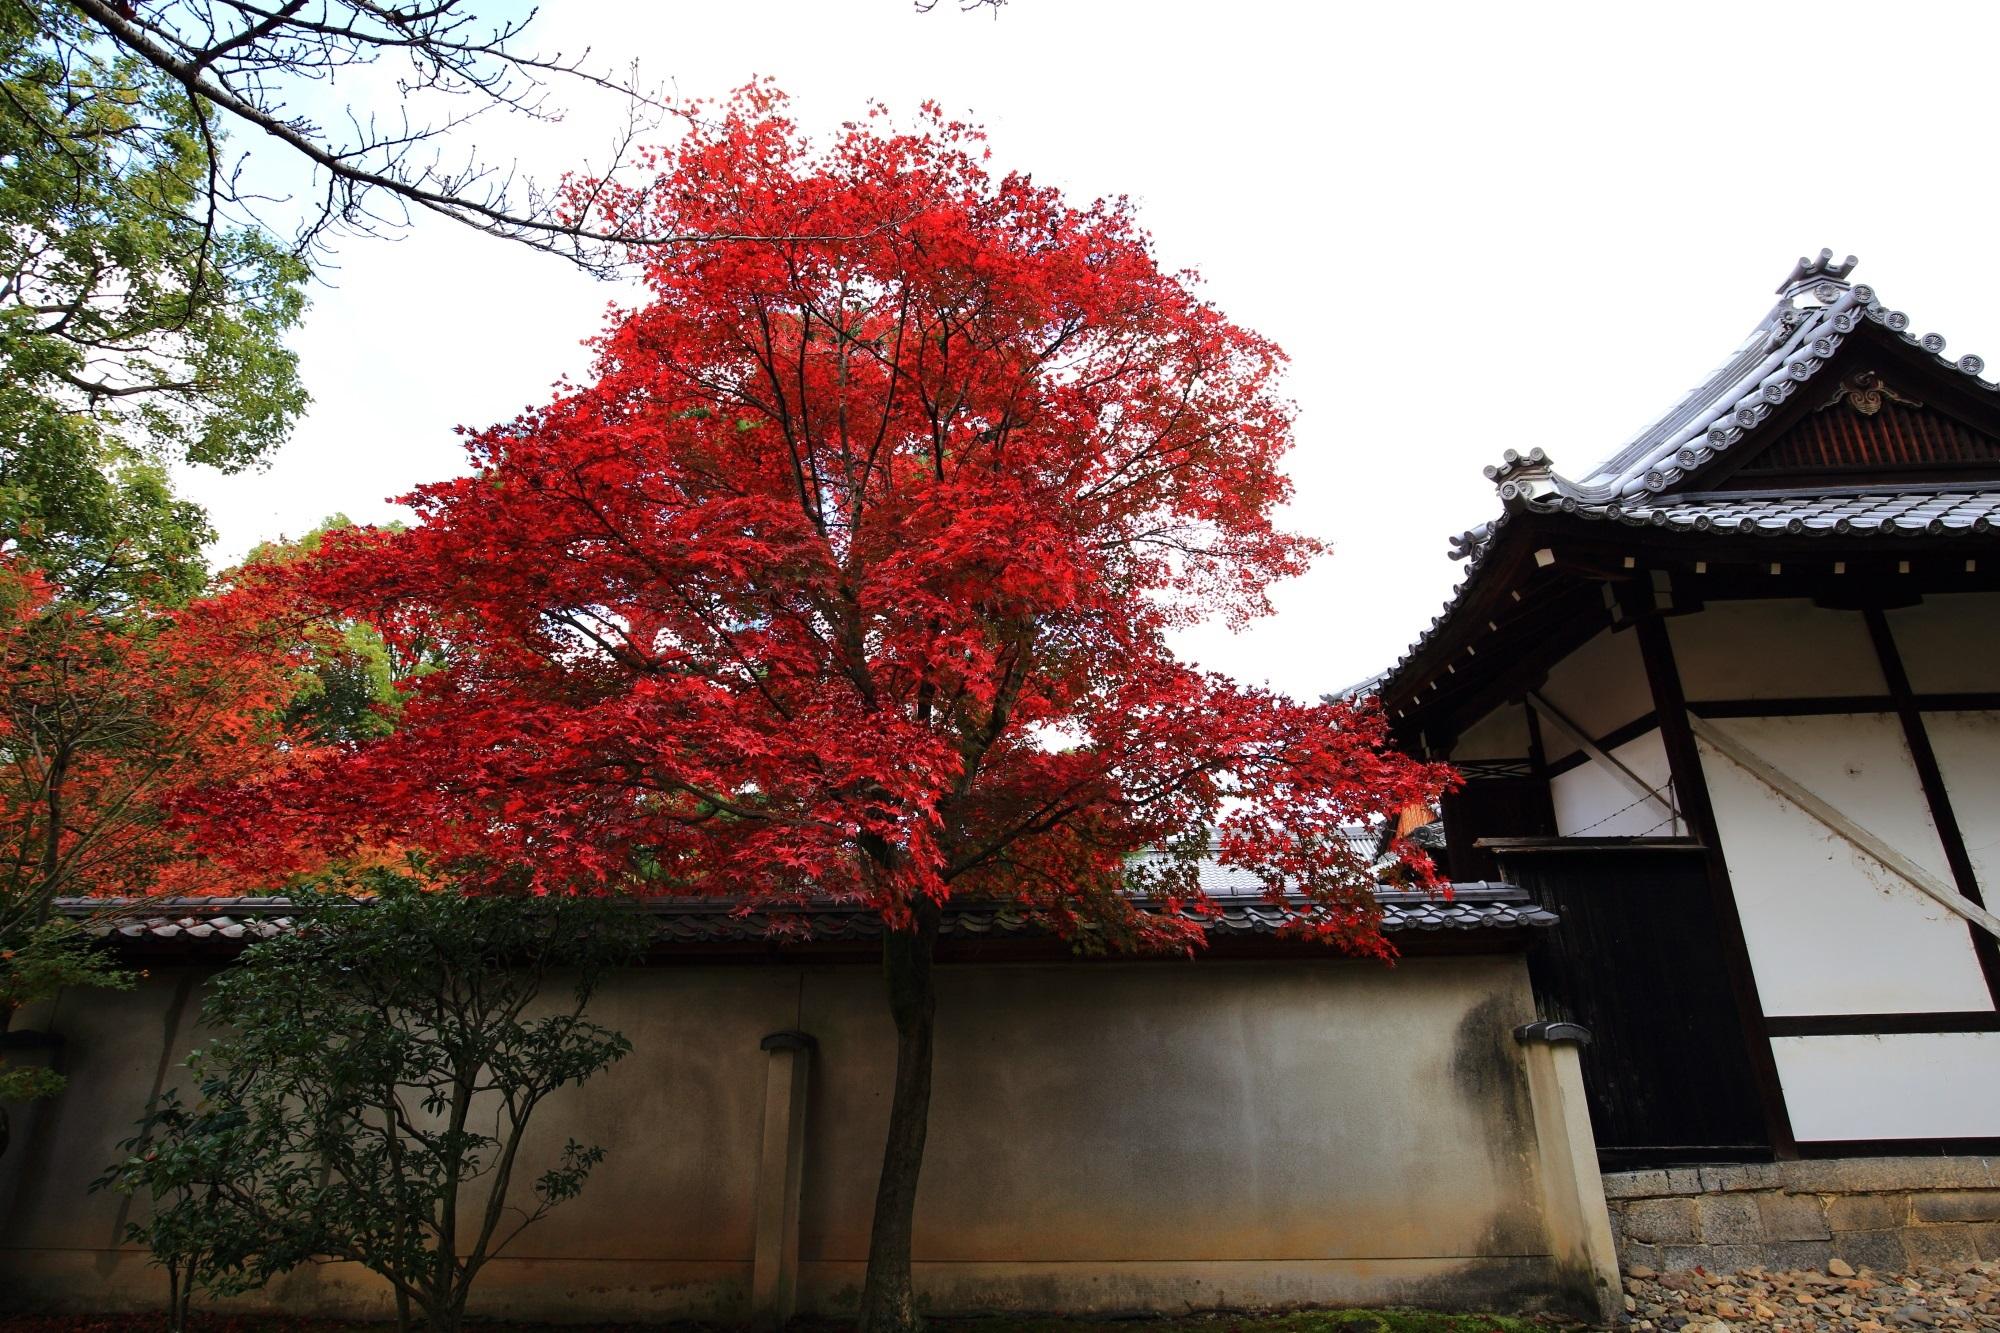 廬山寺の参道の源氏庭からも見える鮮やかな紅葉